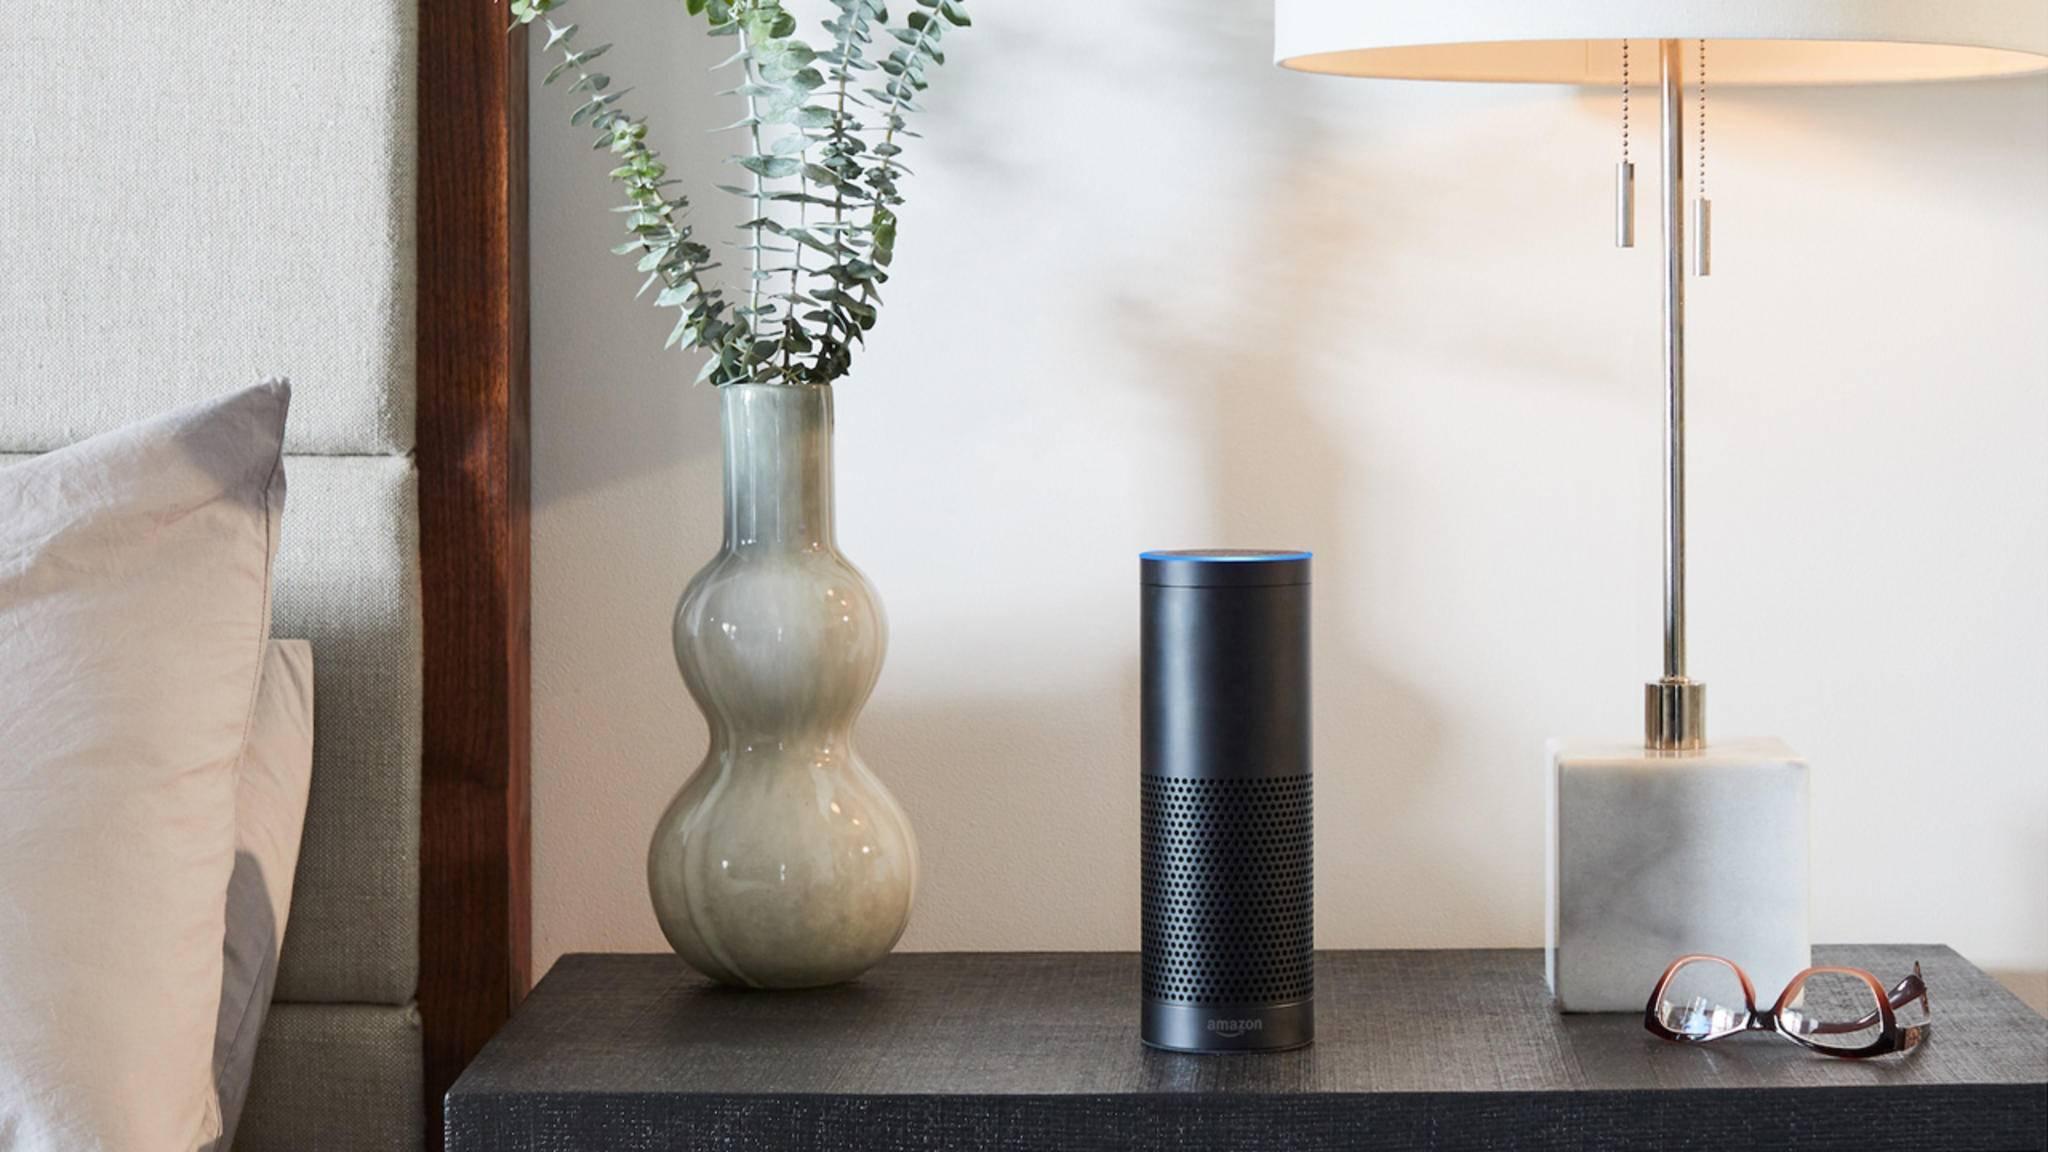 Sprachassistenten wie Amazon Alexa lassen sich mit unhörbaren Befehlen überlisten.